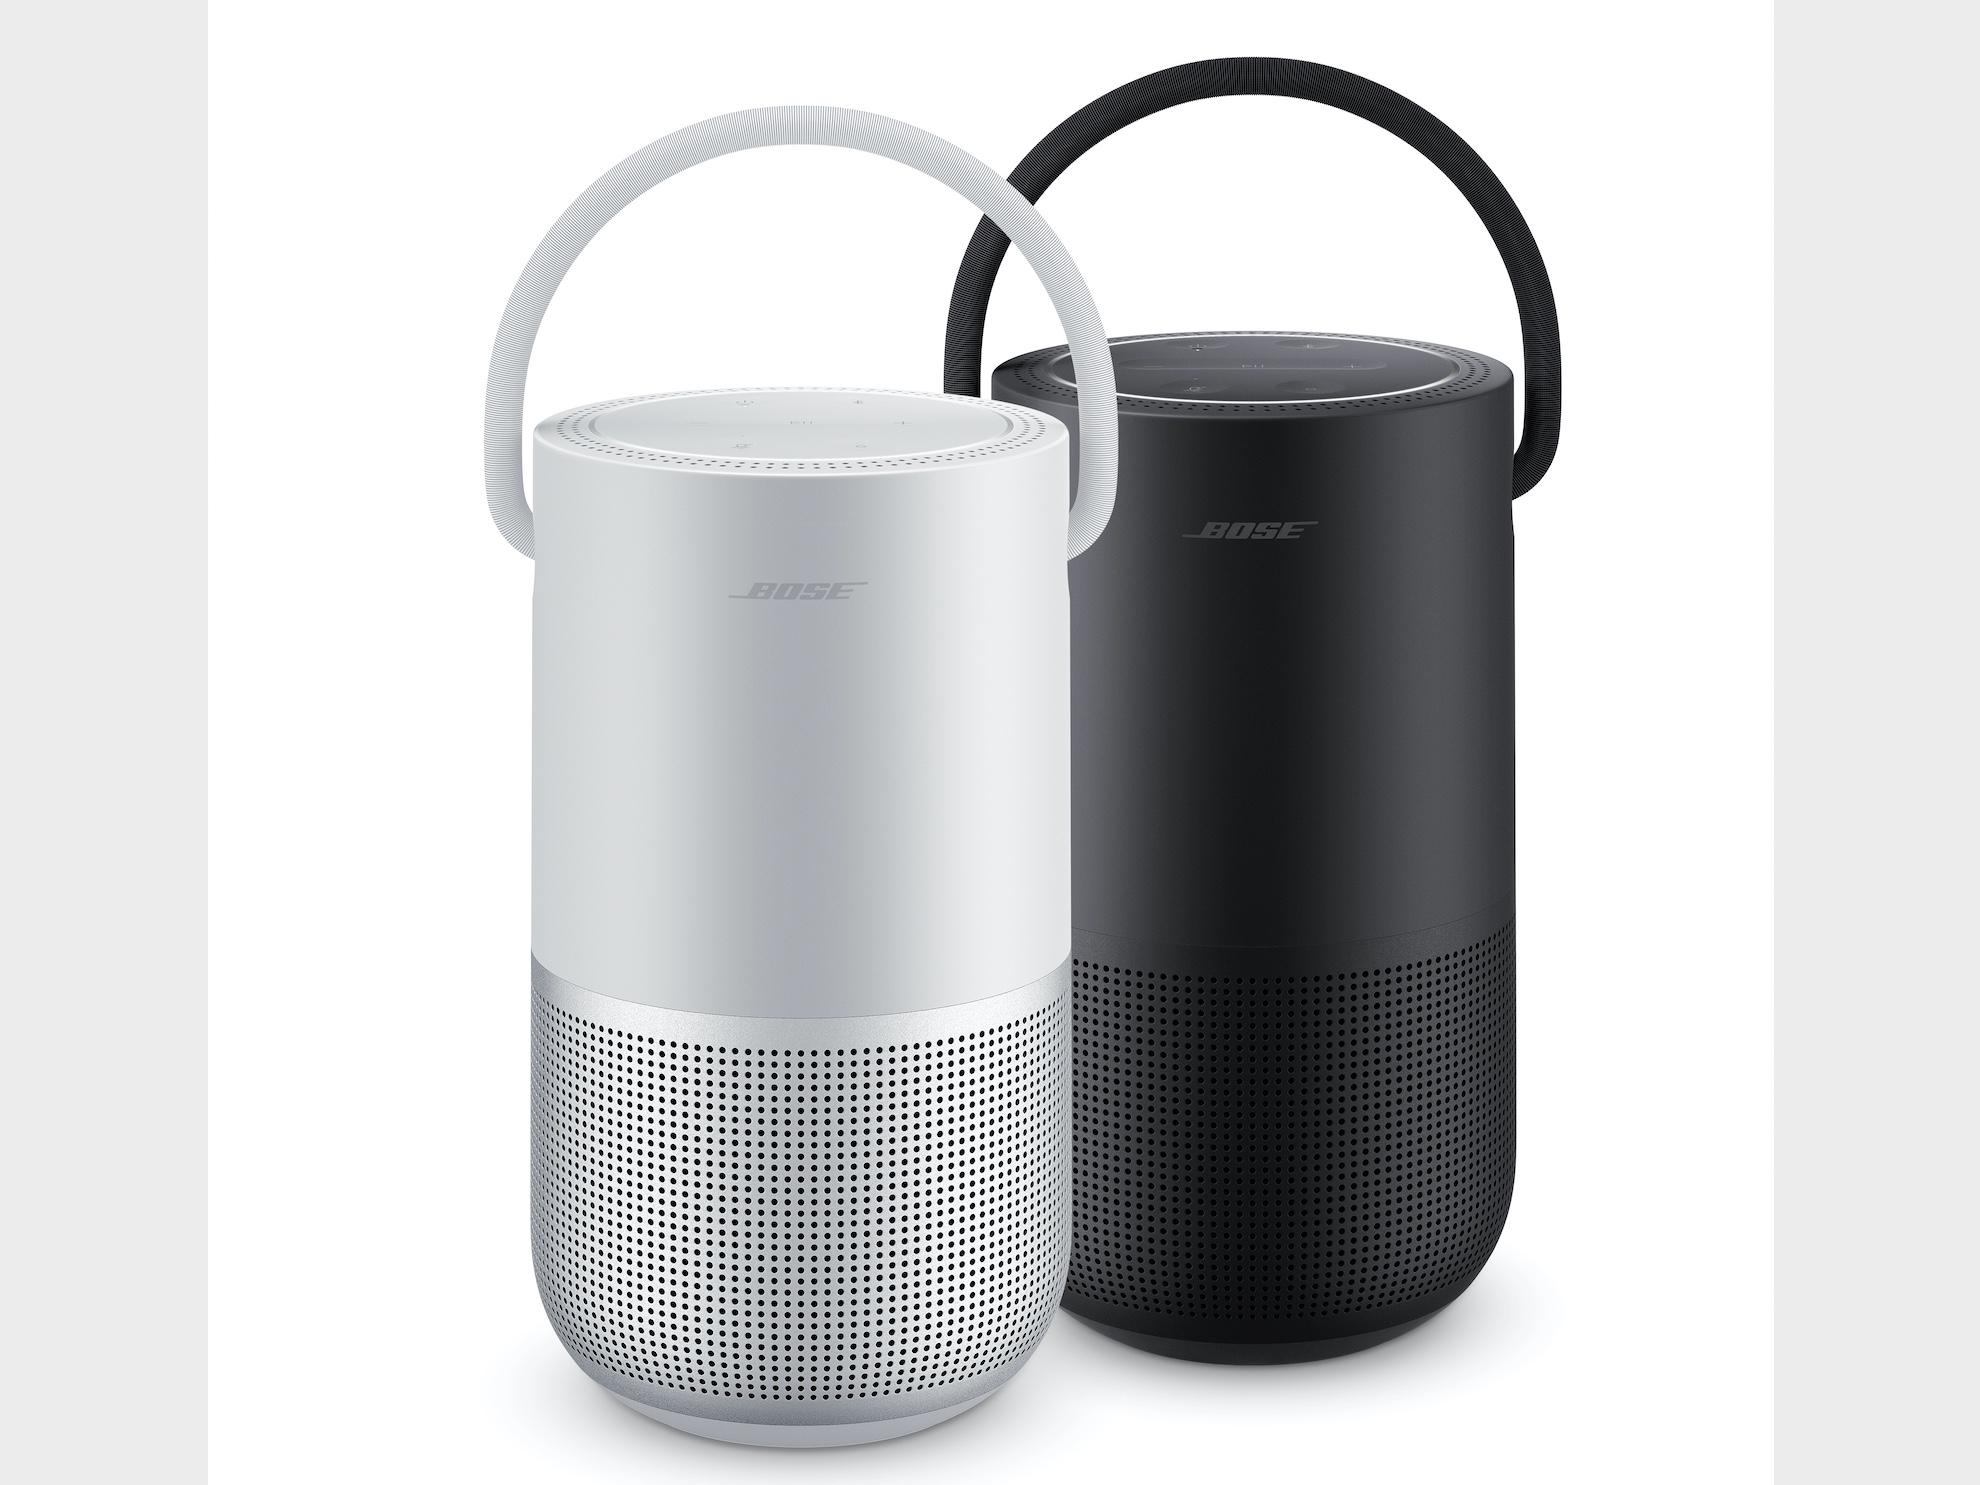 音声操作をビルトイン! Boseの新ポータブルスピーカーは12時間駆動